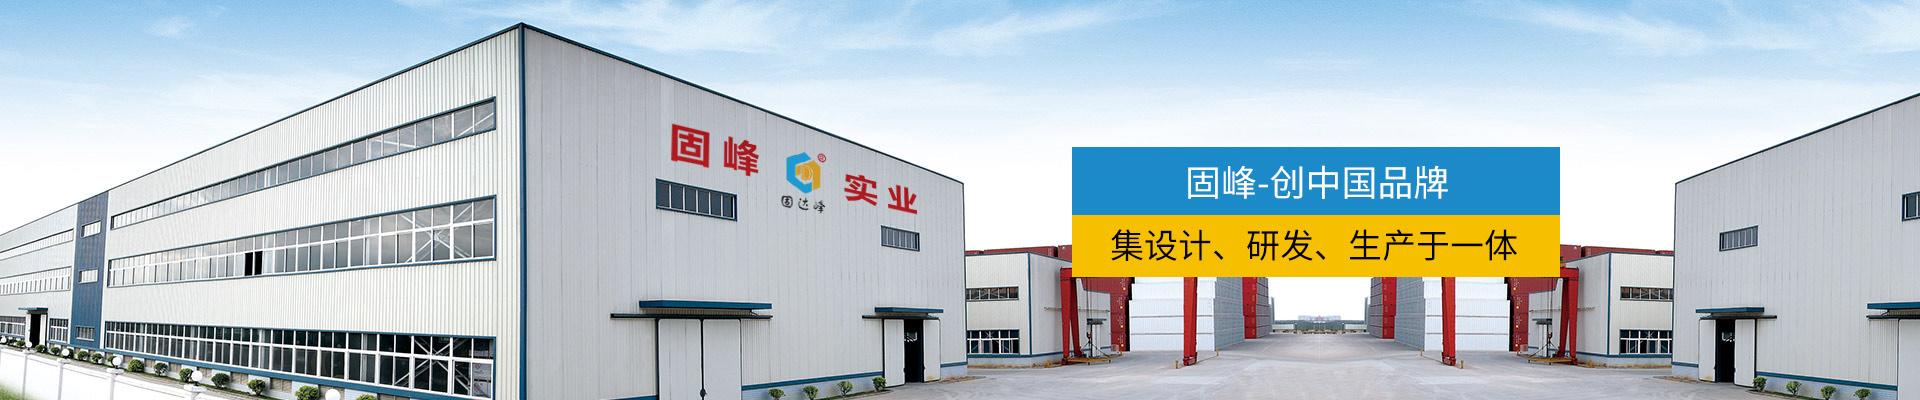 固峰-集设计、开发、生产于一体专业厂家